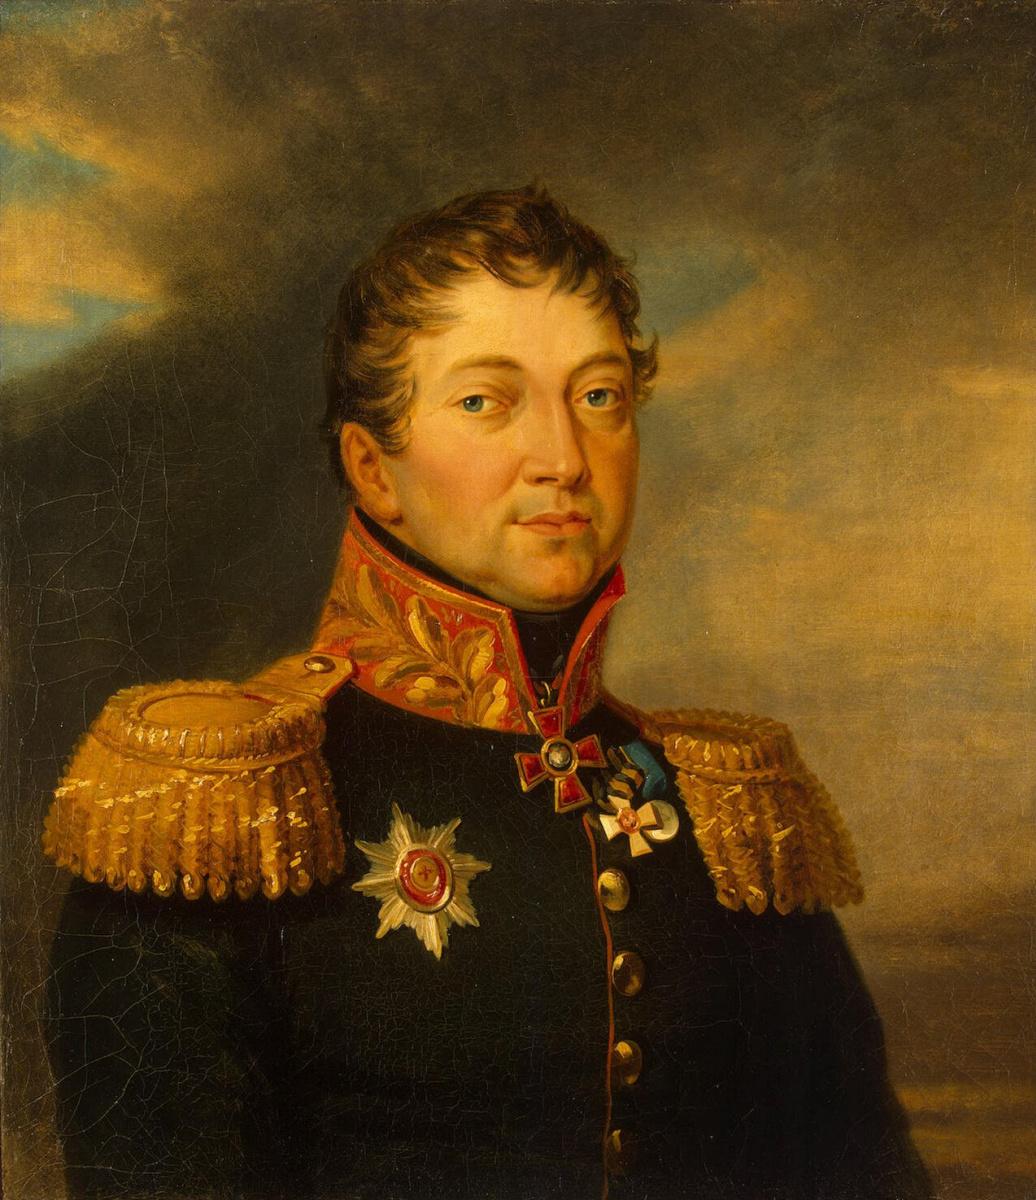 Джордж Доу. Портрет Отто Федоровича фон Кнорринга